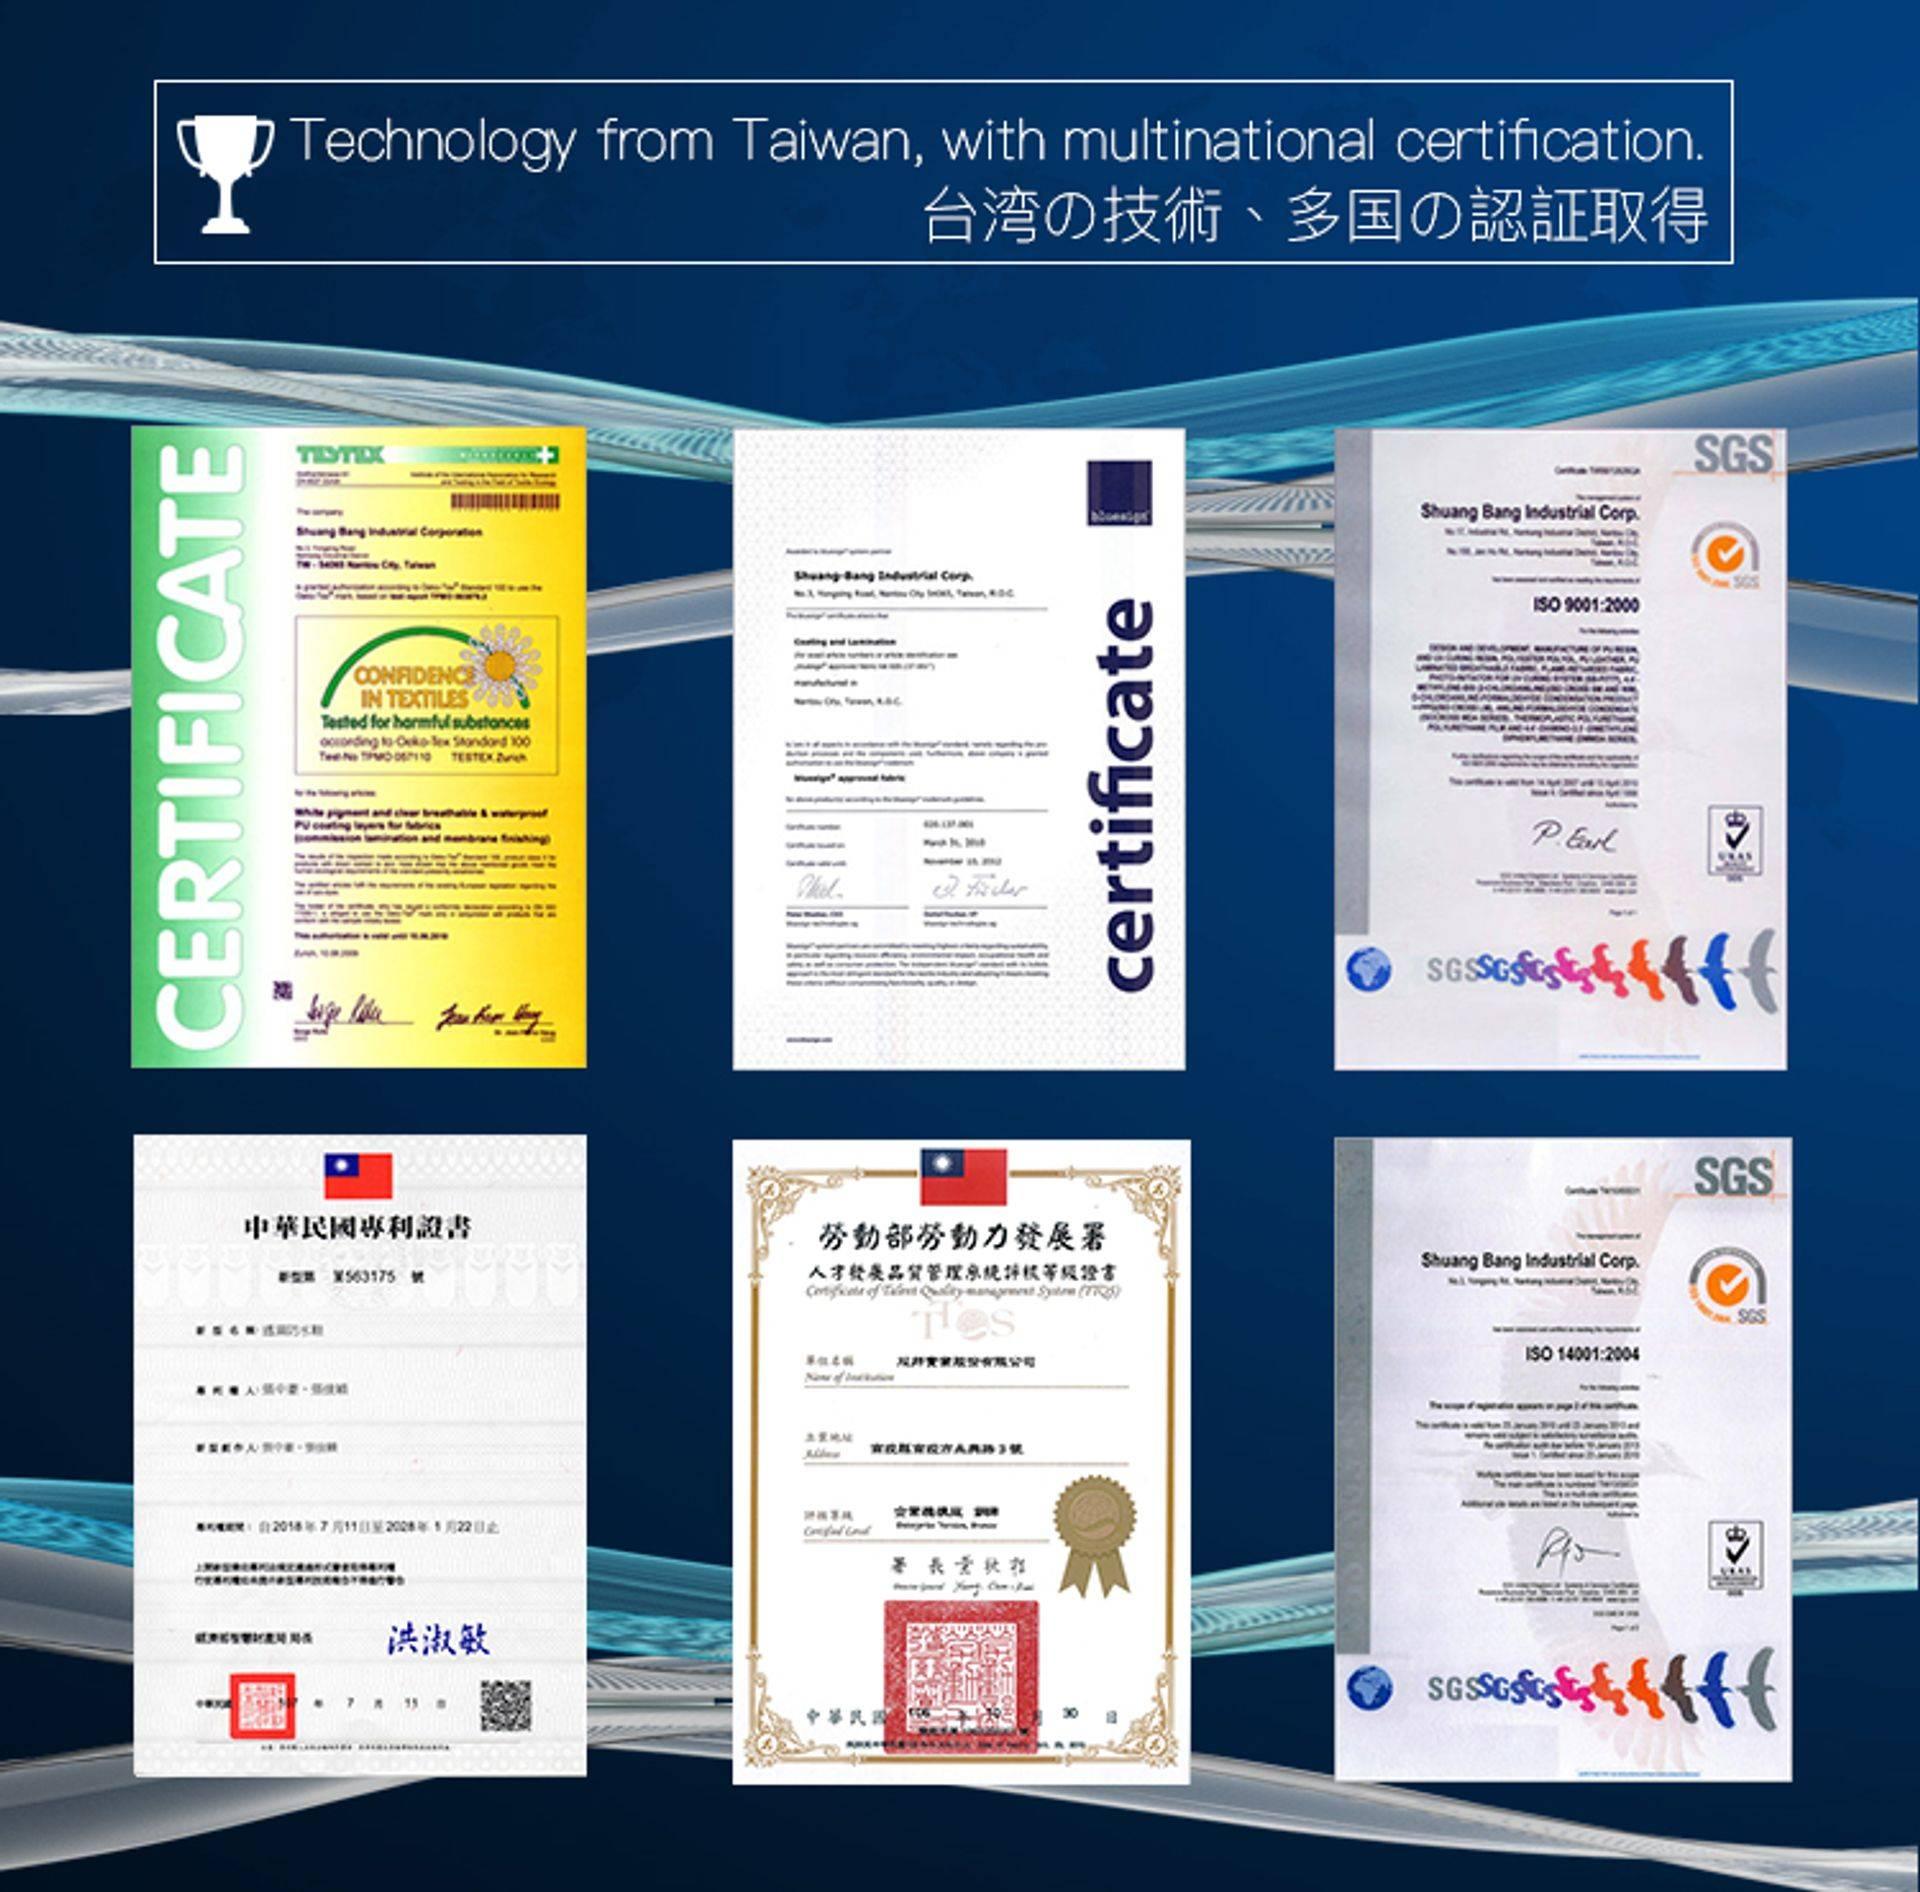 台灣專利 多國認證